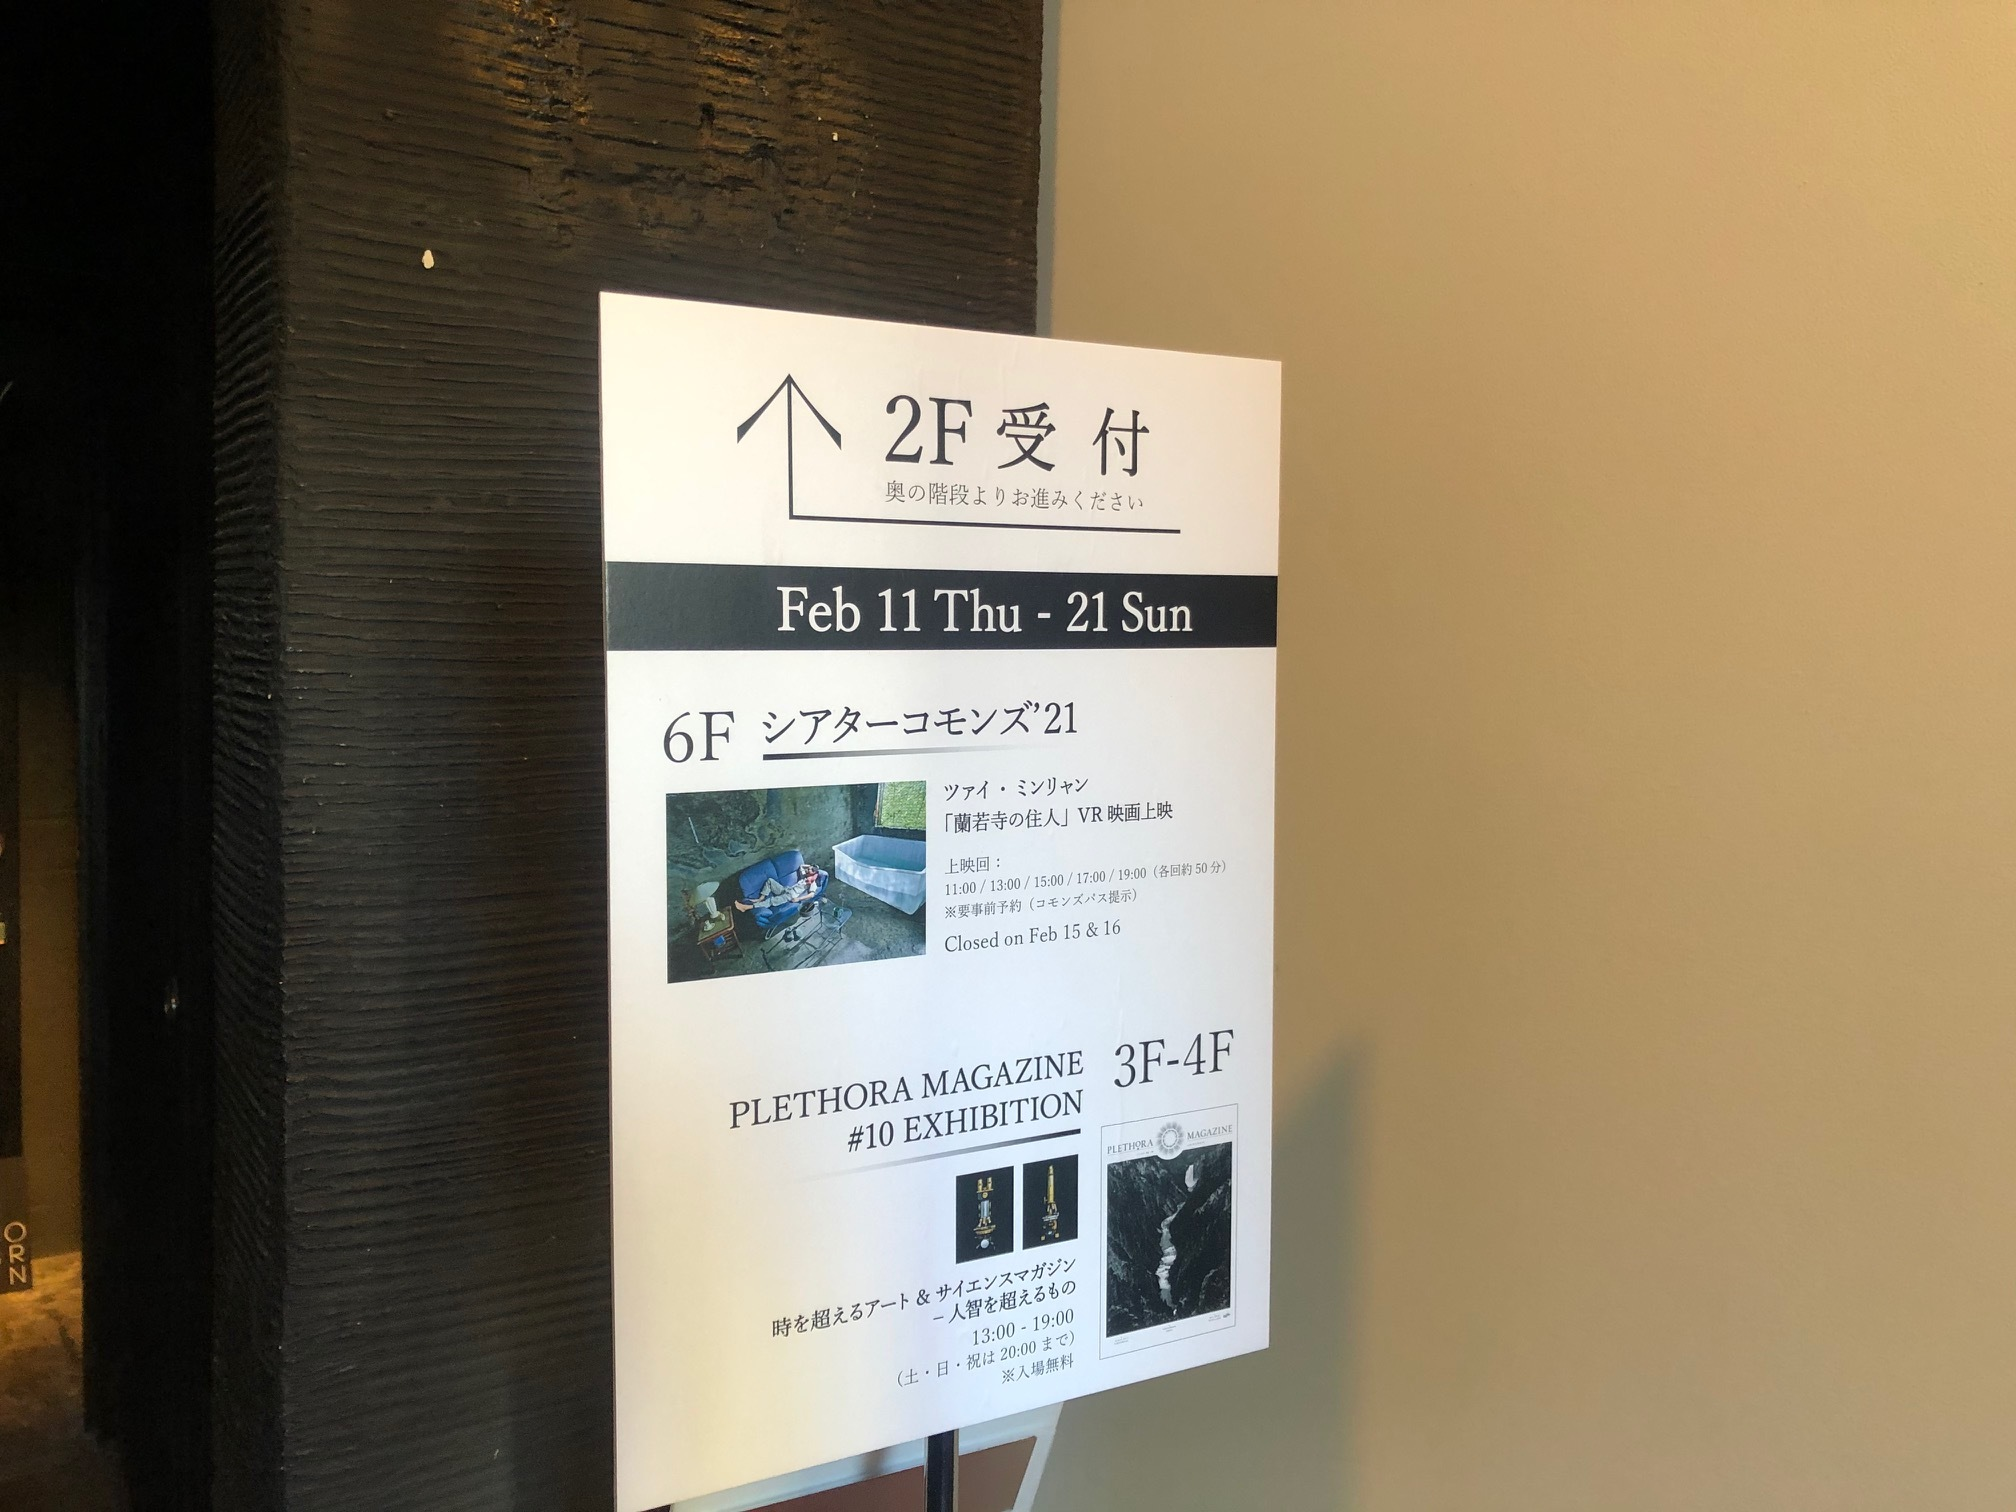 シアターコモンズトーキョー2021「蘭若寺(らんにゃじ)の住人」ツァイ・ミンリャン(台湾)(@ANB Tokyo 6F)_f0064203_10480551.jpg